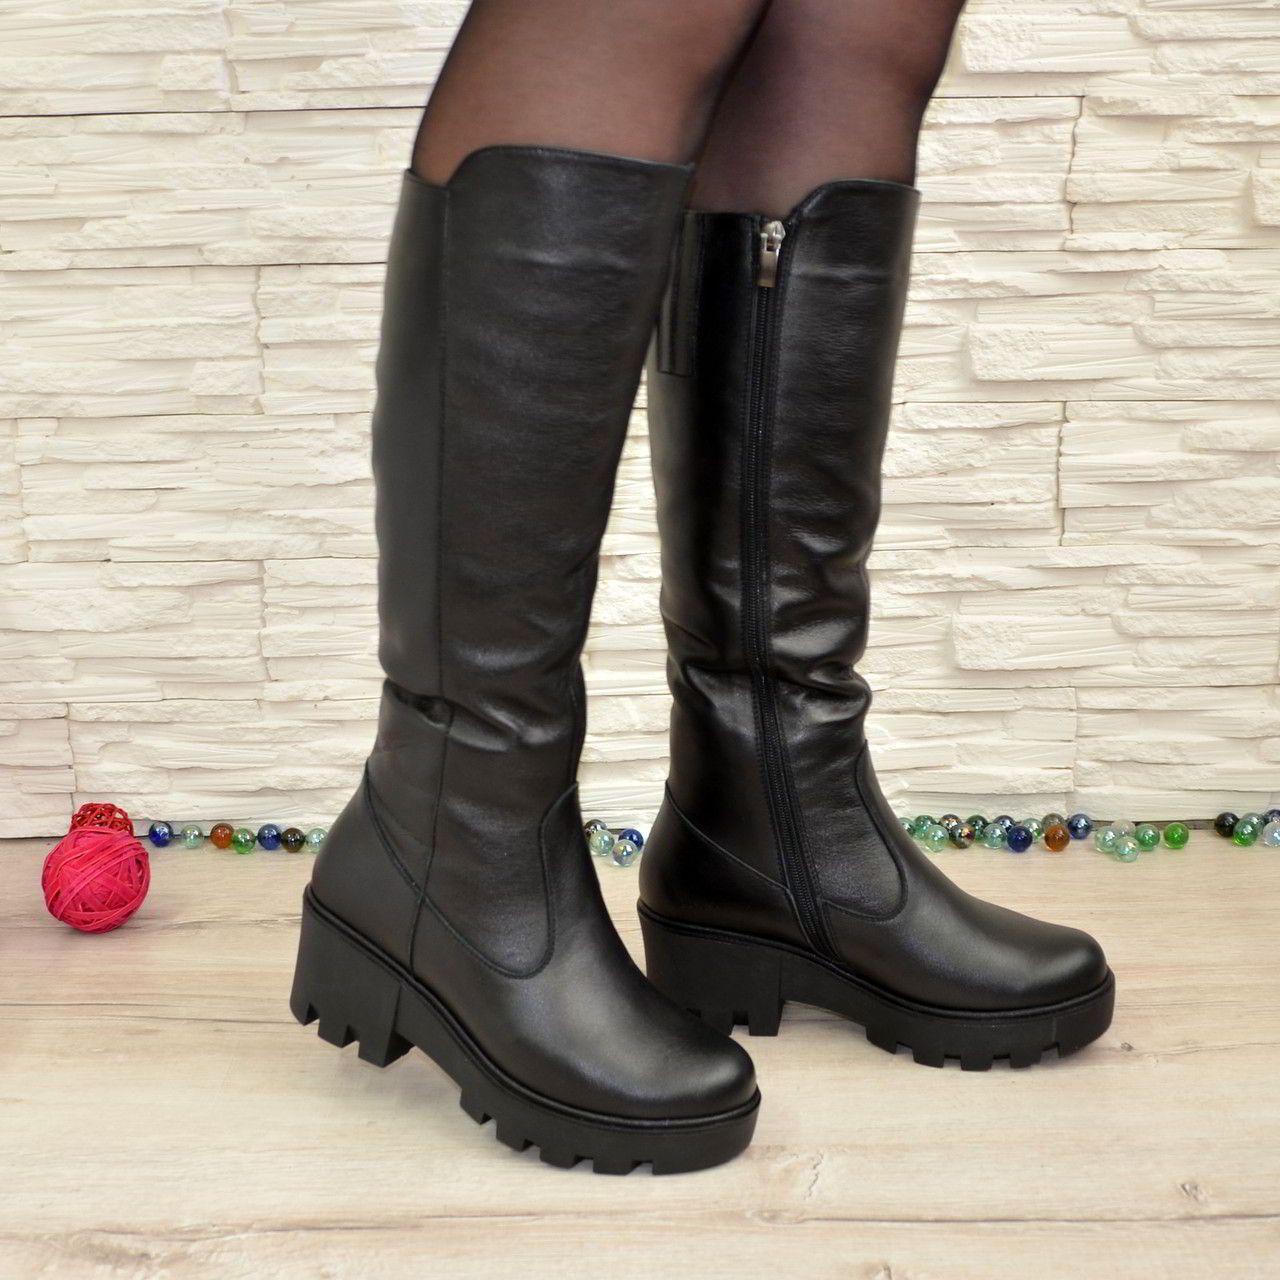 Модні жіночі чоботи на тракторній підошві осінь-зима 2018-2019  645a87f254c90